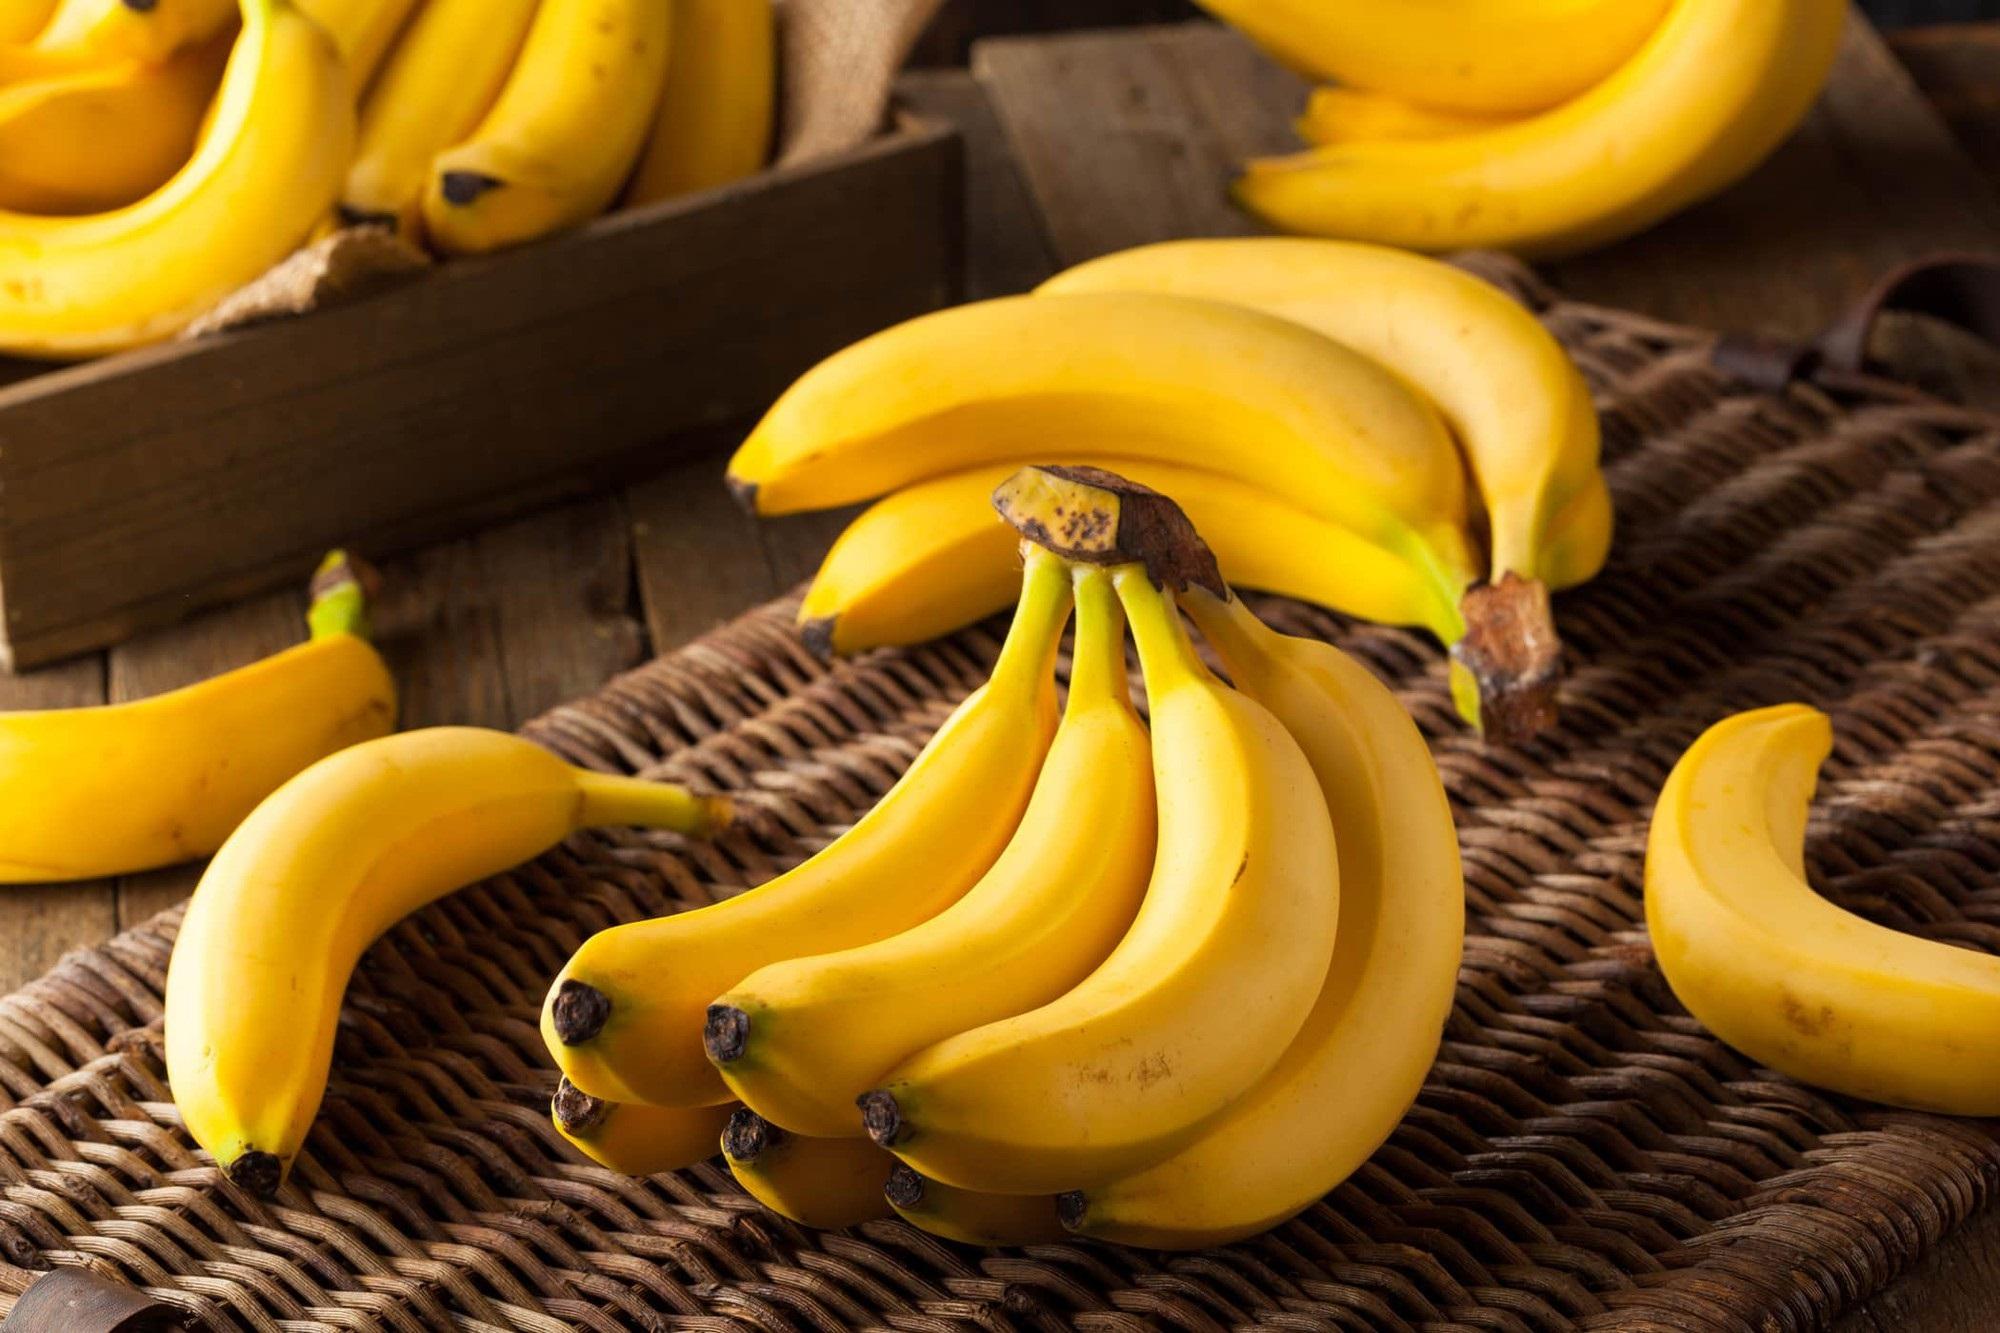 Đang bị táo bón thì hãy ăn ngay những loại trái cây này để giúp khắc phục tình trạng bệnh - Ảnh 6